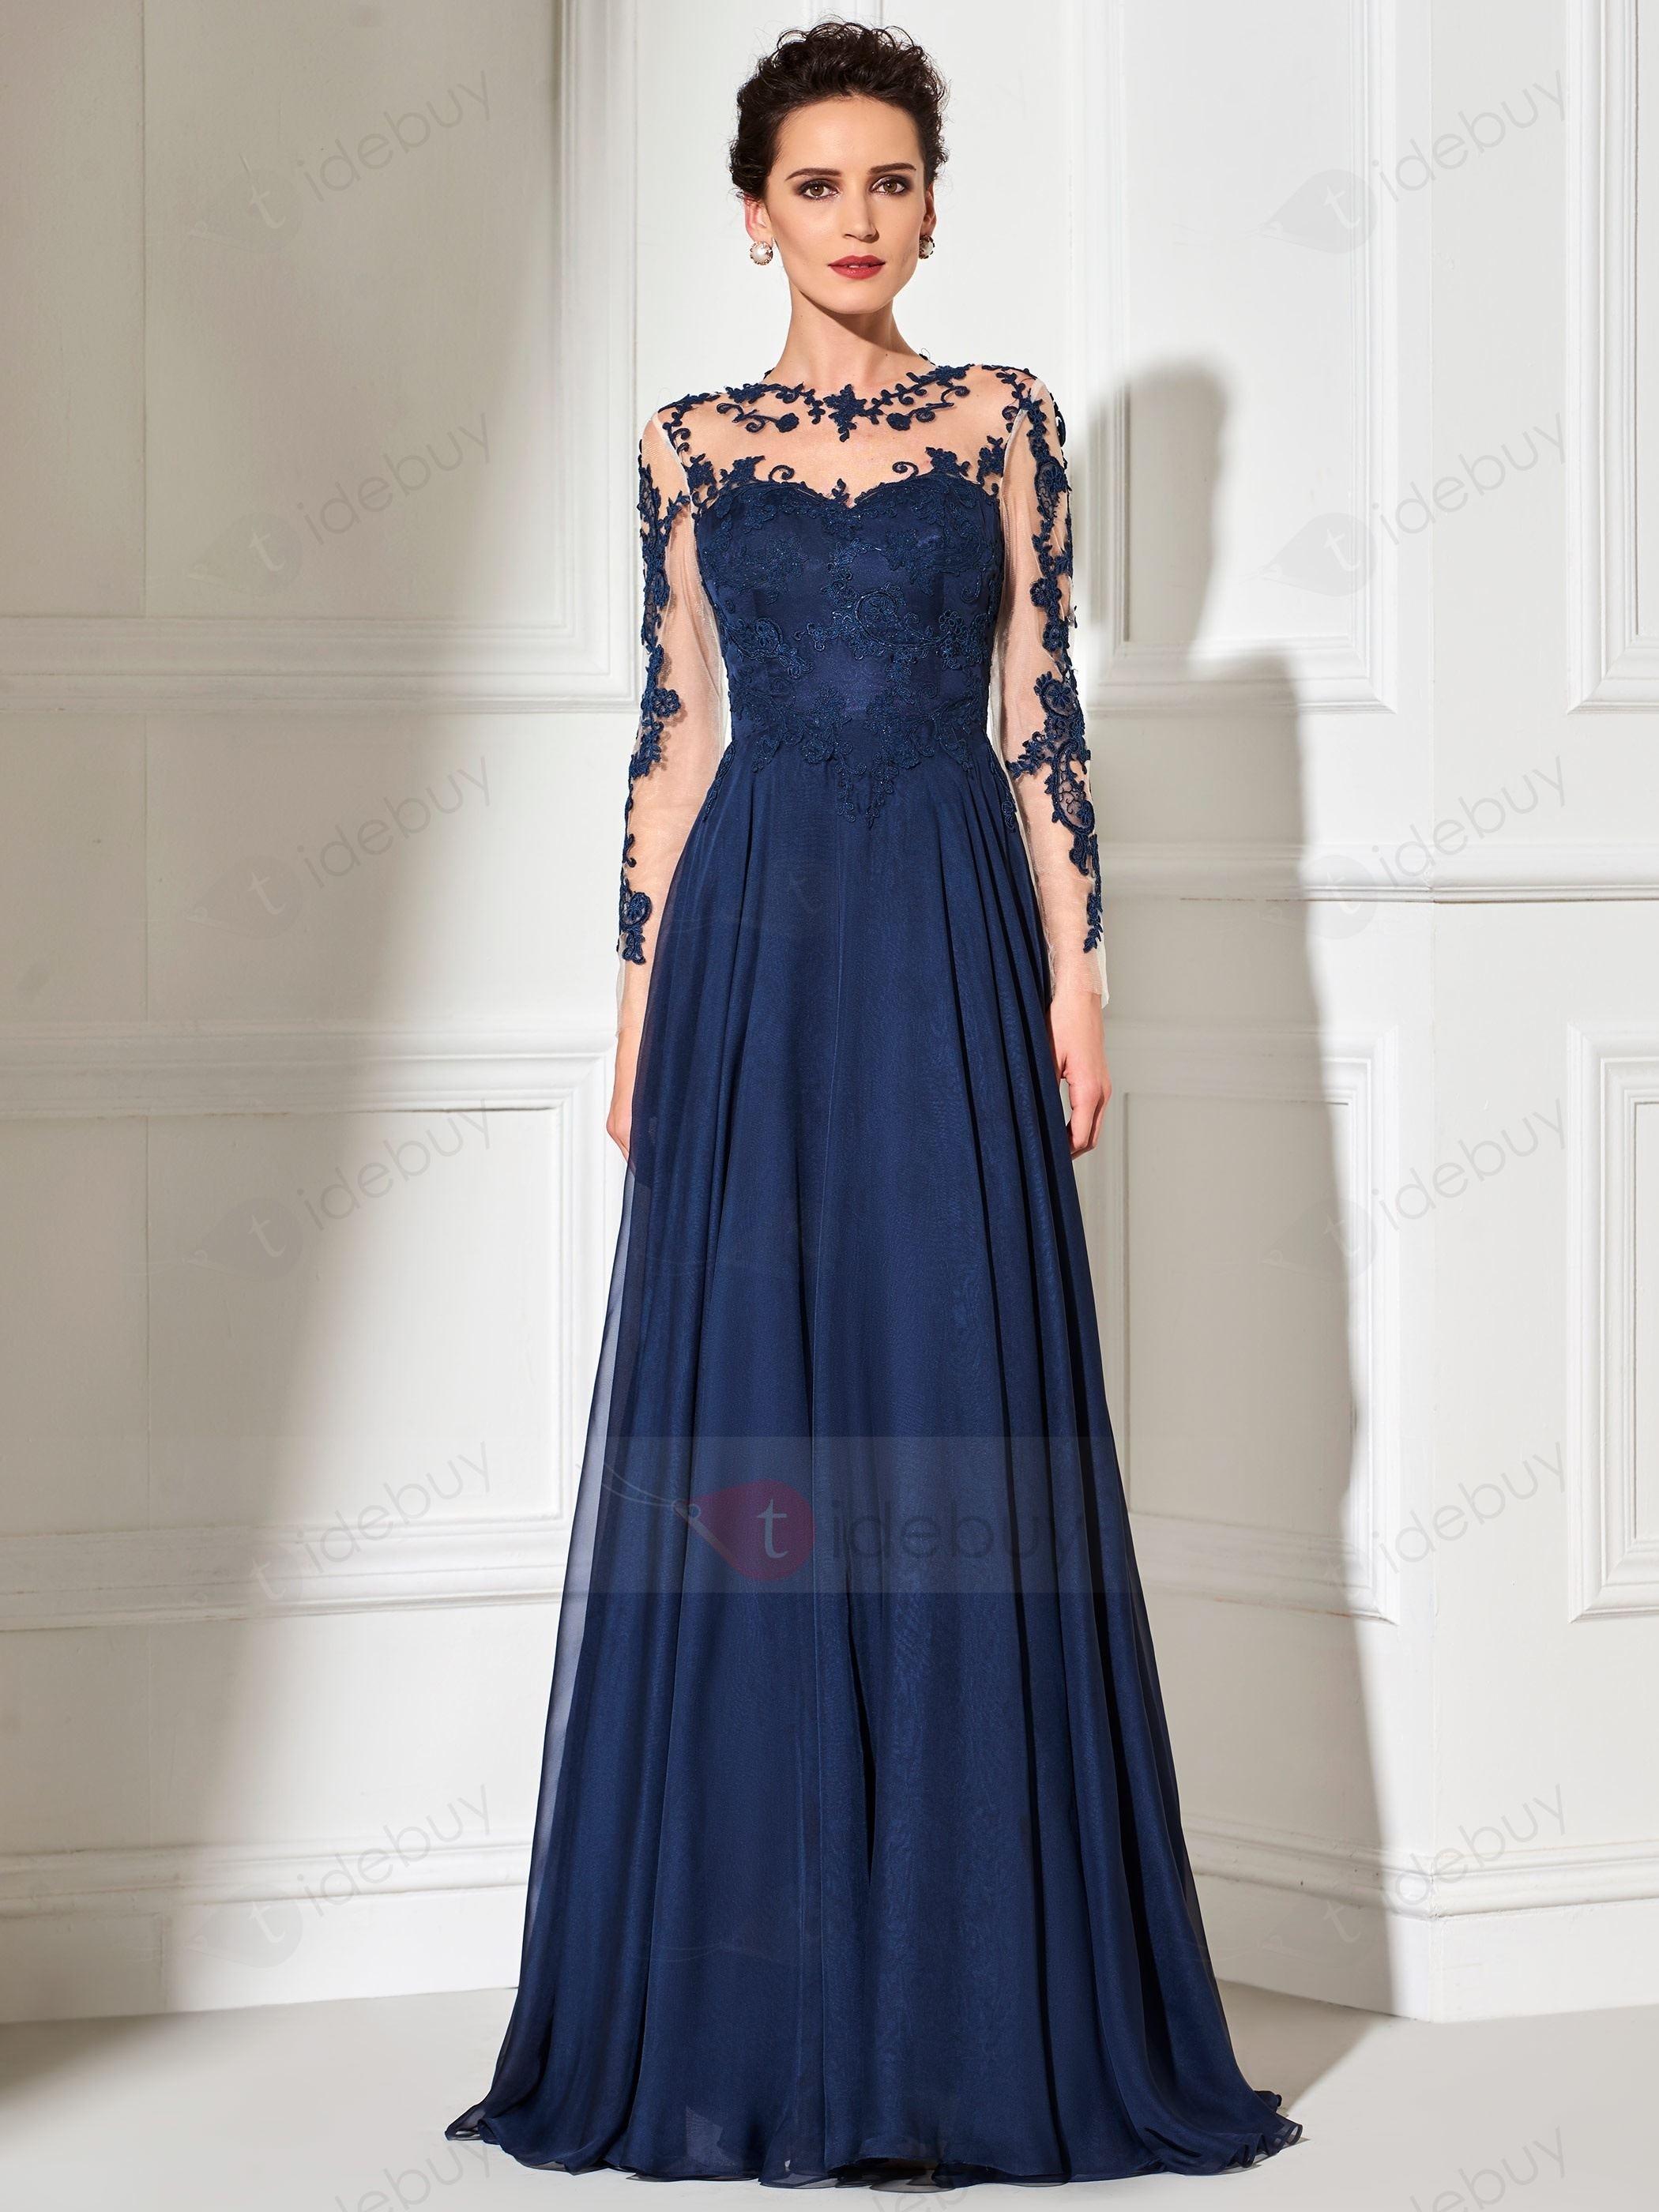 17 Luxurius Bilder Abendkleider DesignFormal Leicht Bilder Abendkleider Ärmel